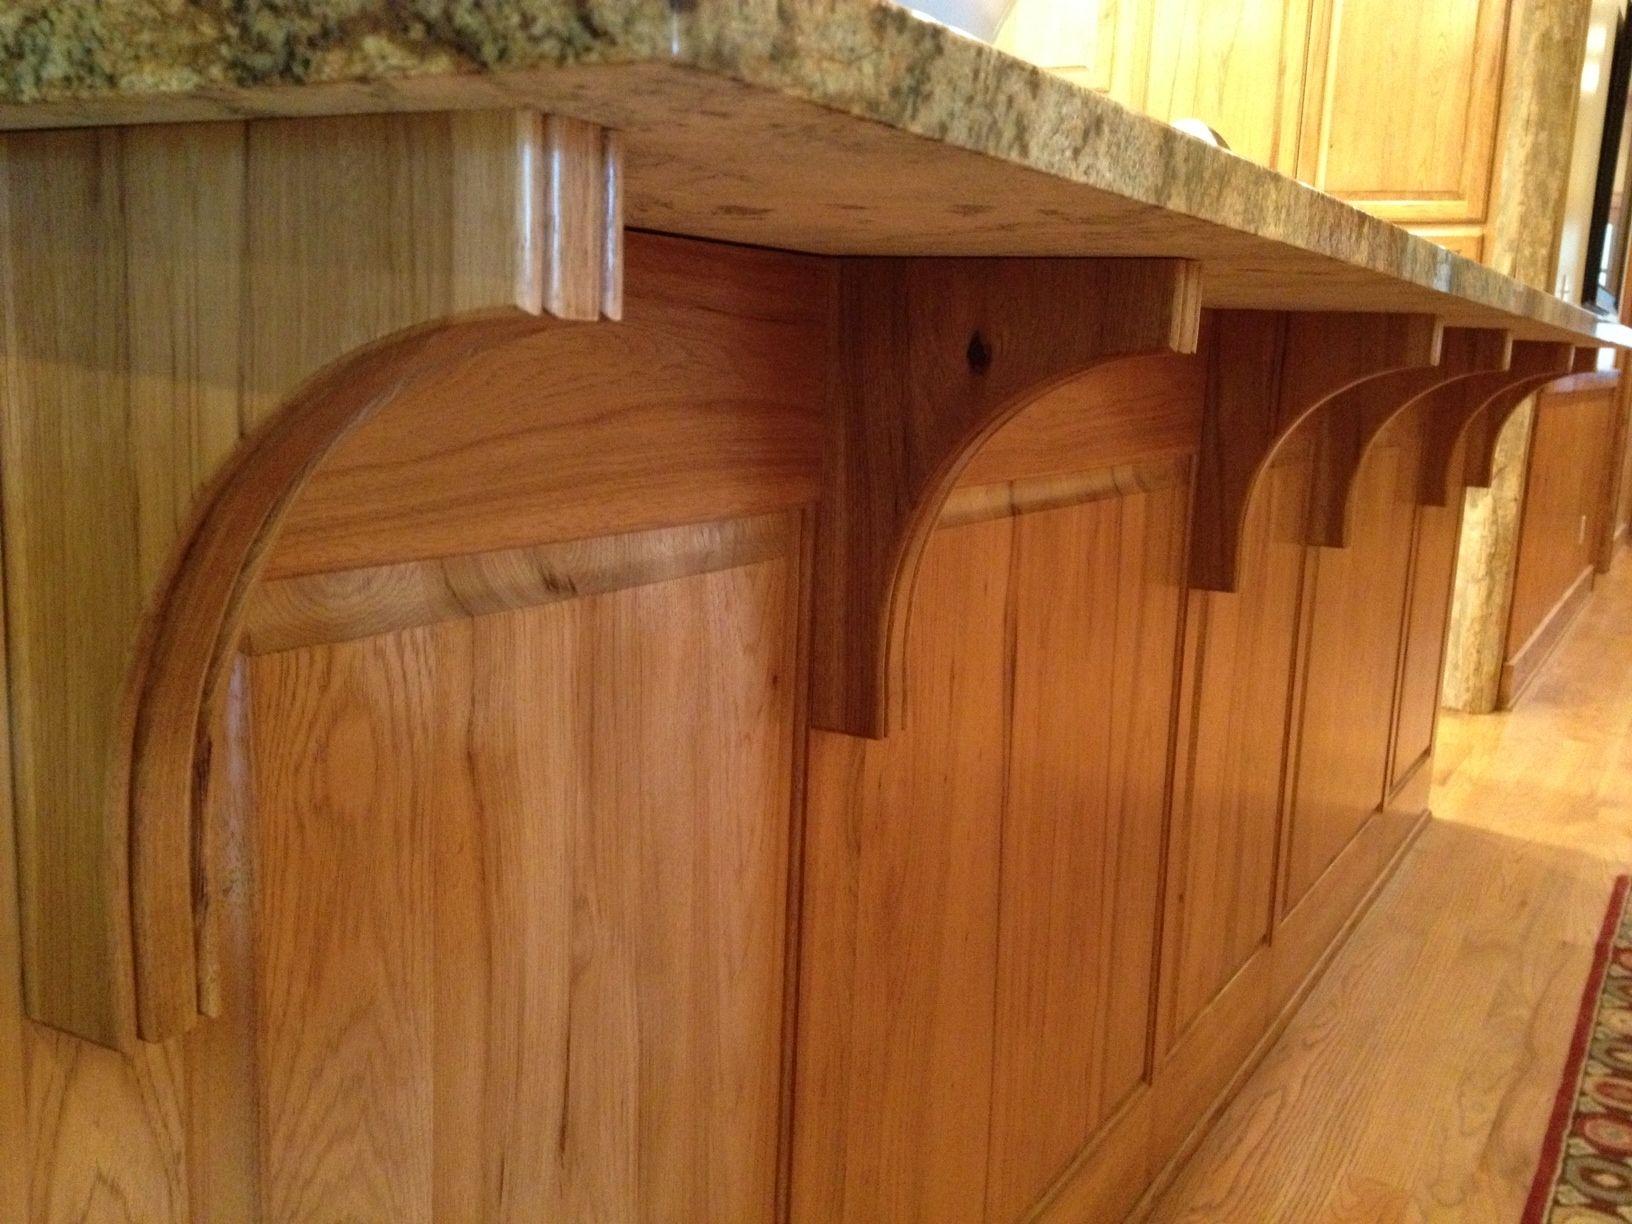 Kitchen countertop support brackets navigatorspbfo